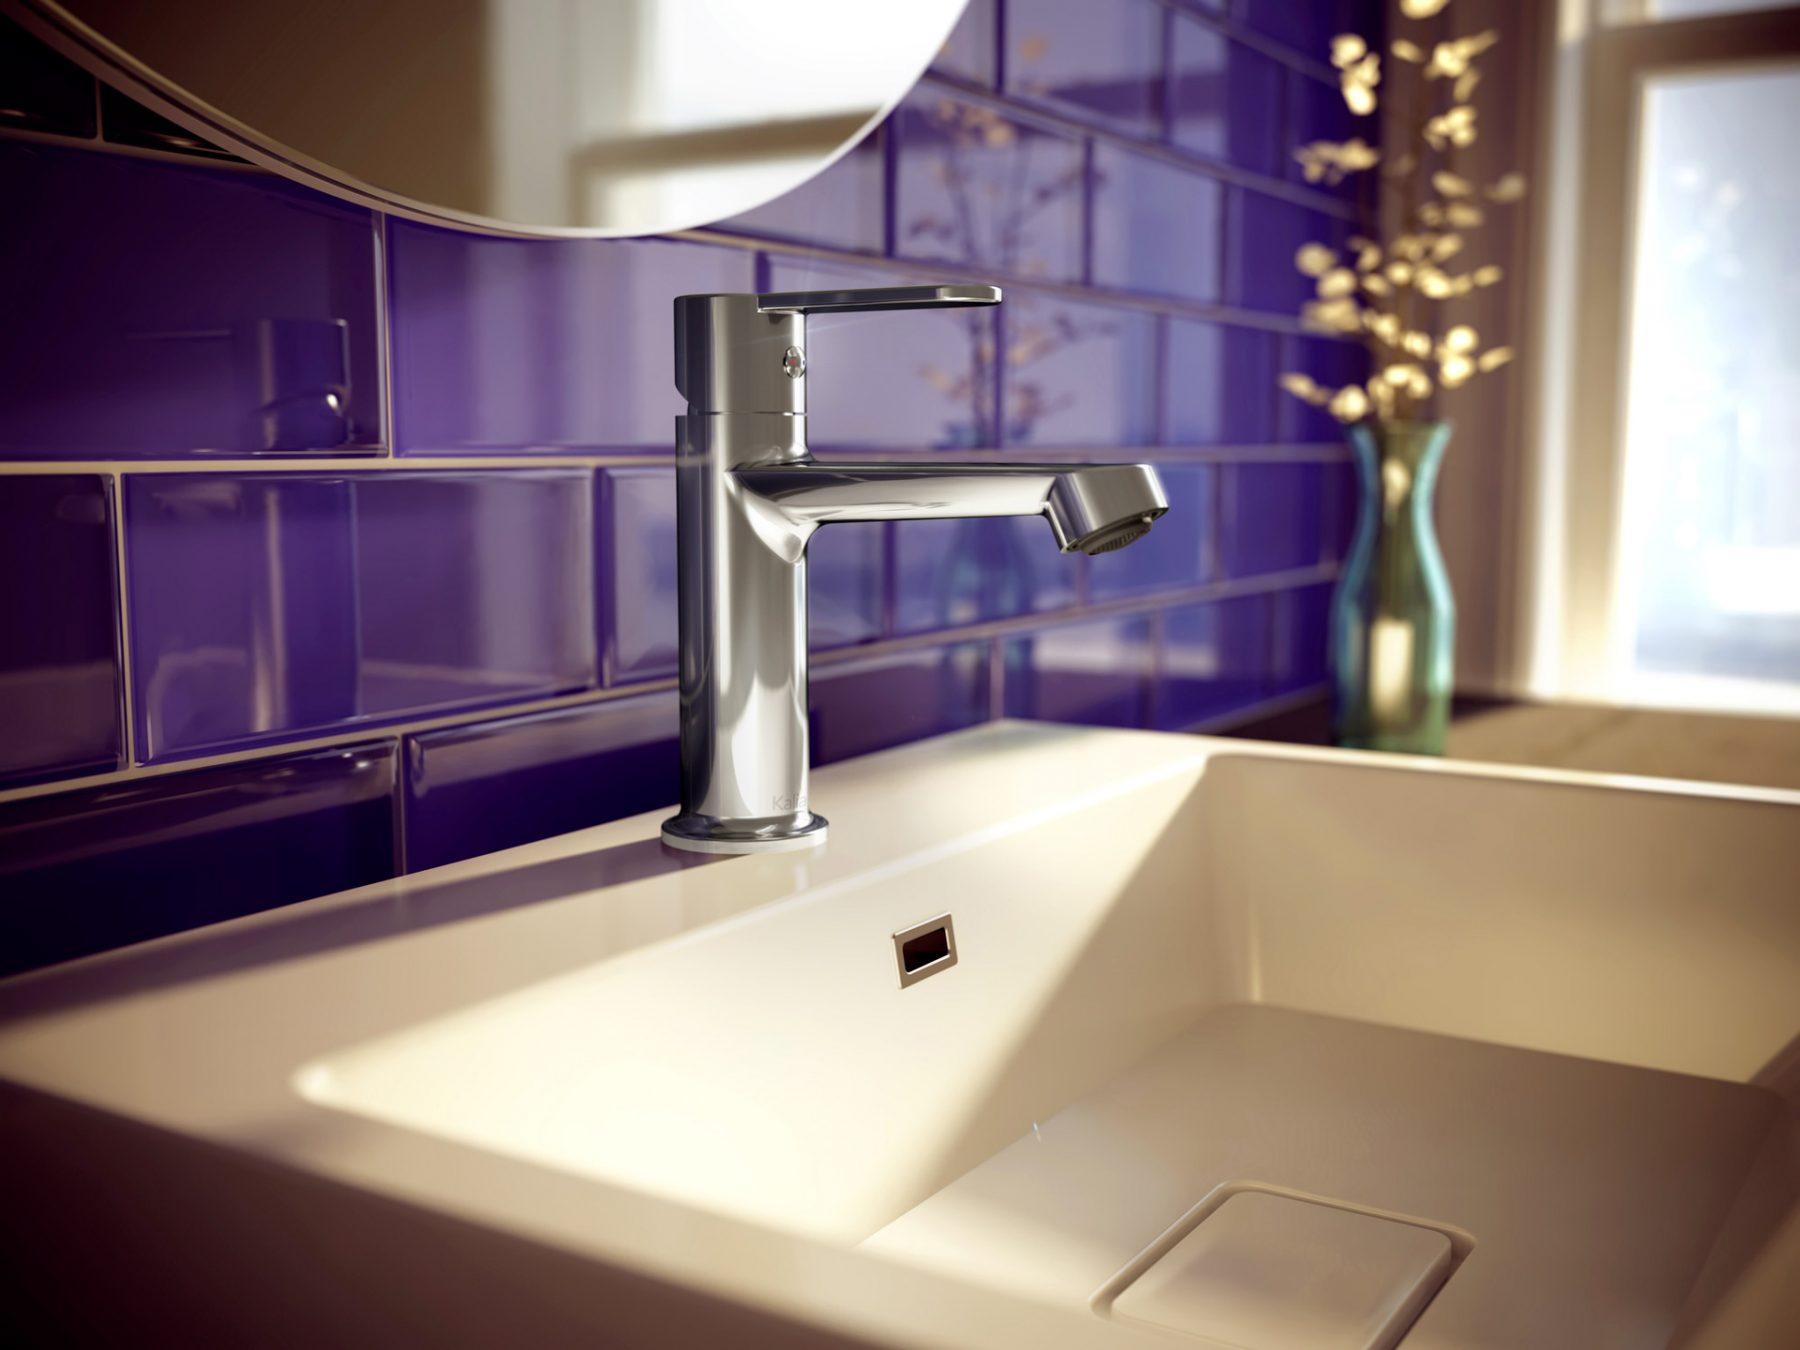 dessinateur-3D-salle-de-bain-mauve-robinet